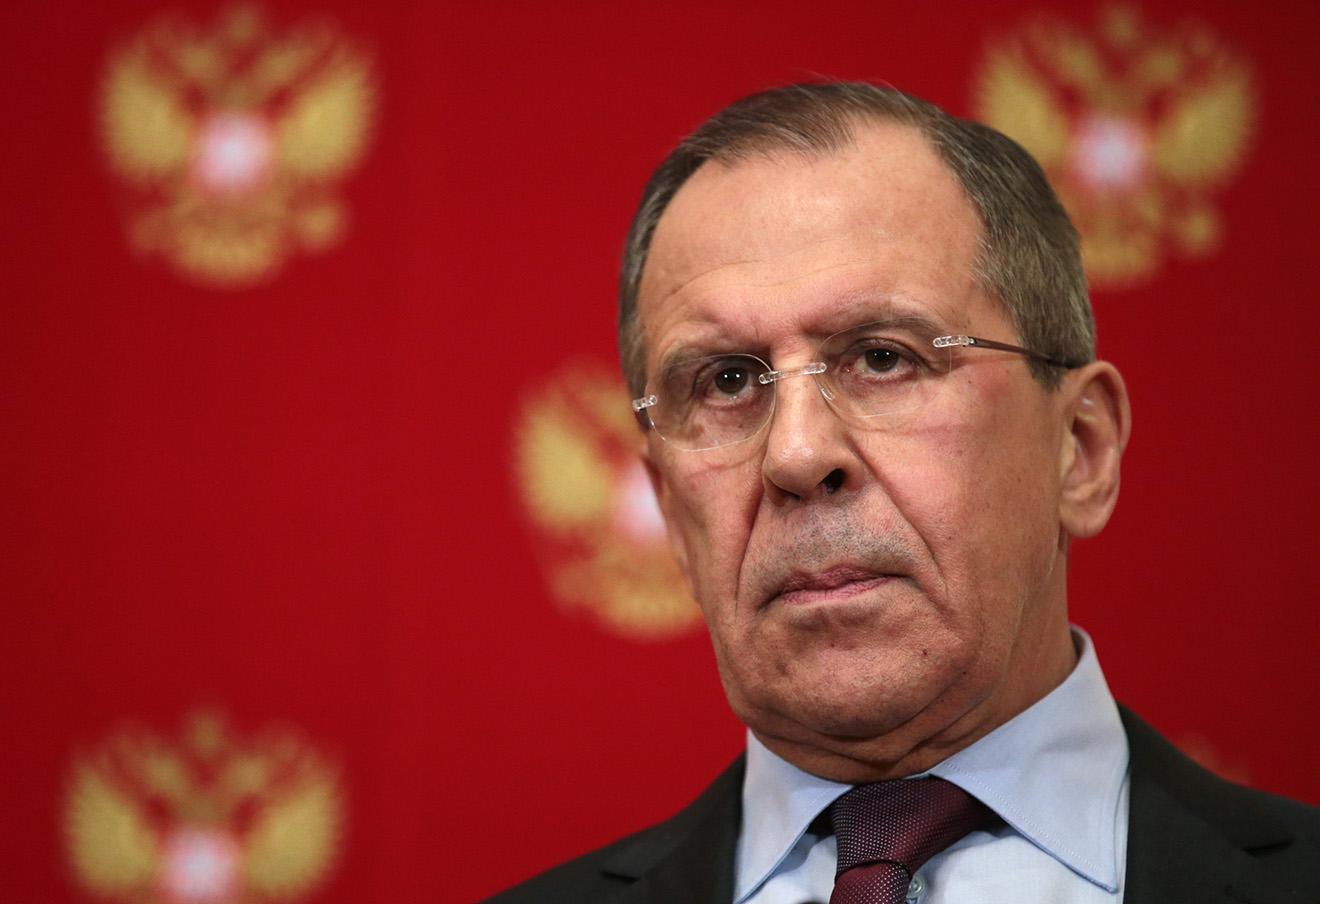 Сергей Лавров во время совместной пресс-конференции по итогам встречи с Джоном Керри.